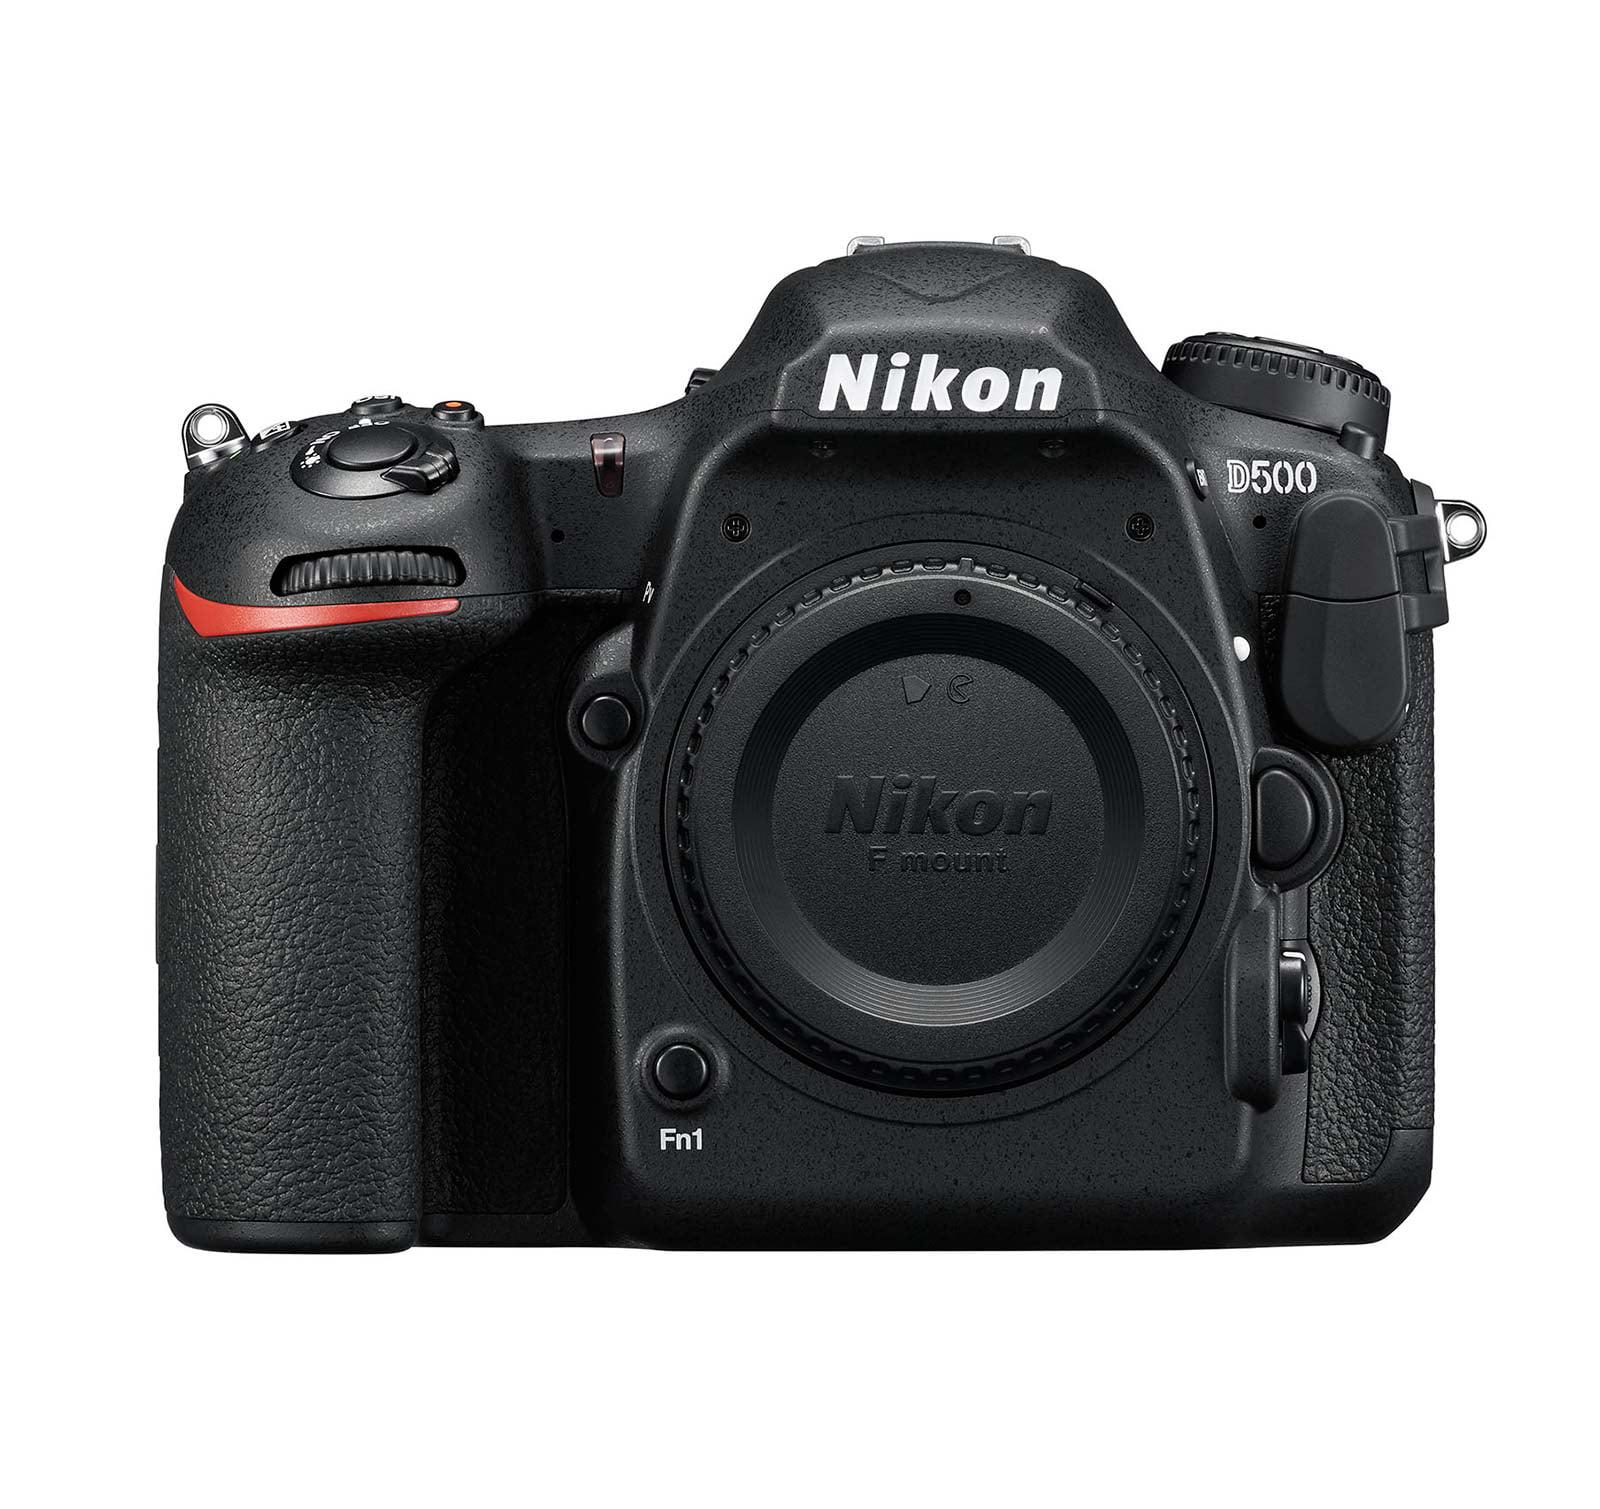 Nikon D500 Body DX Digital SLR by Nikon